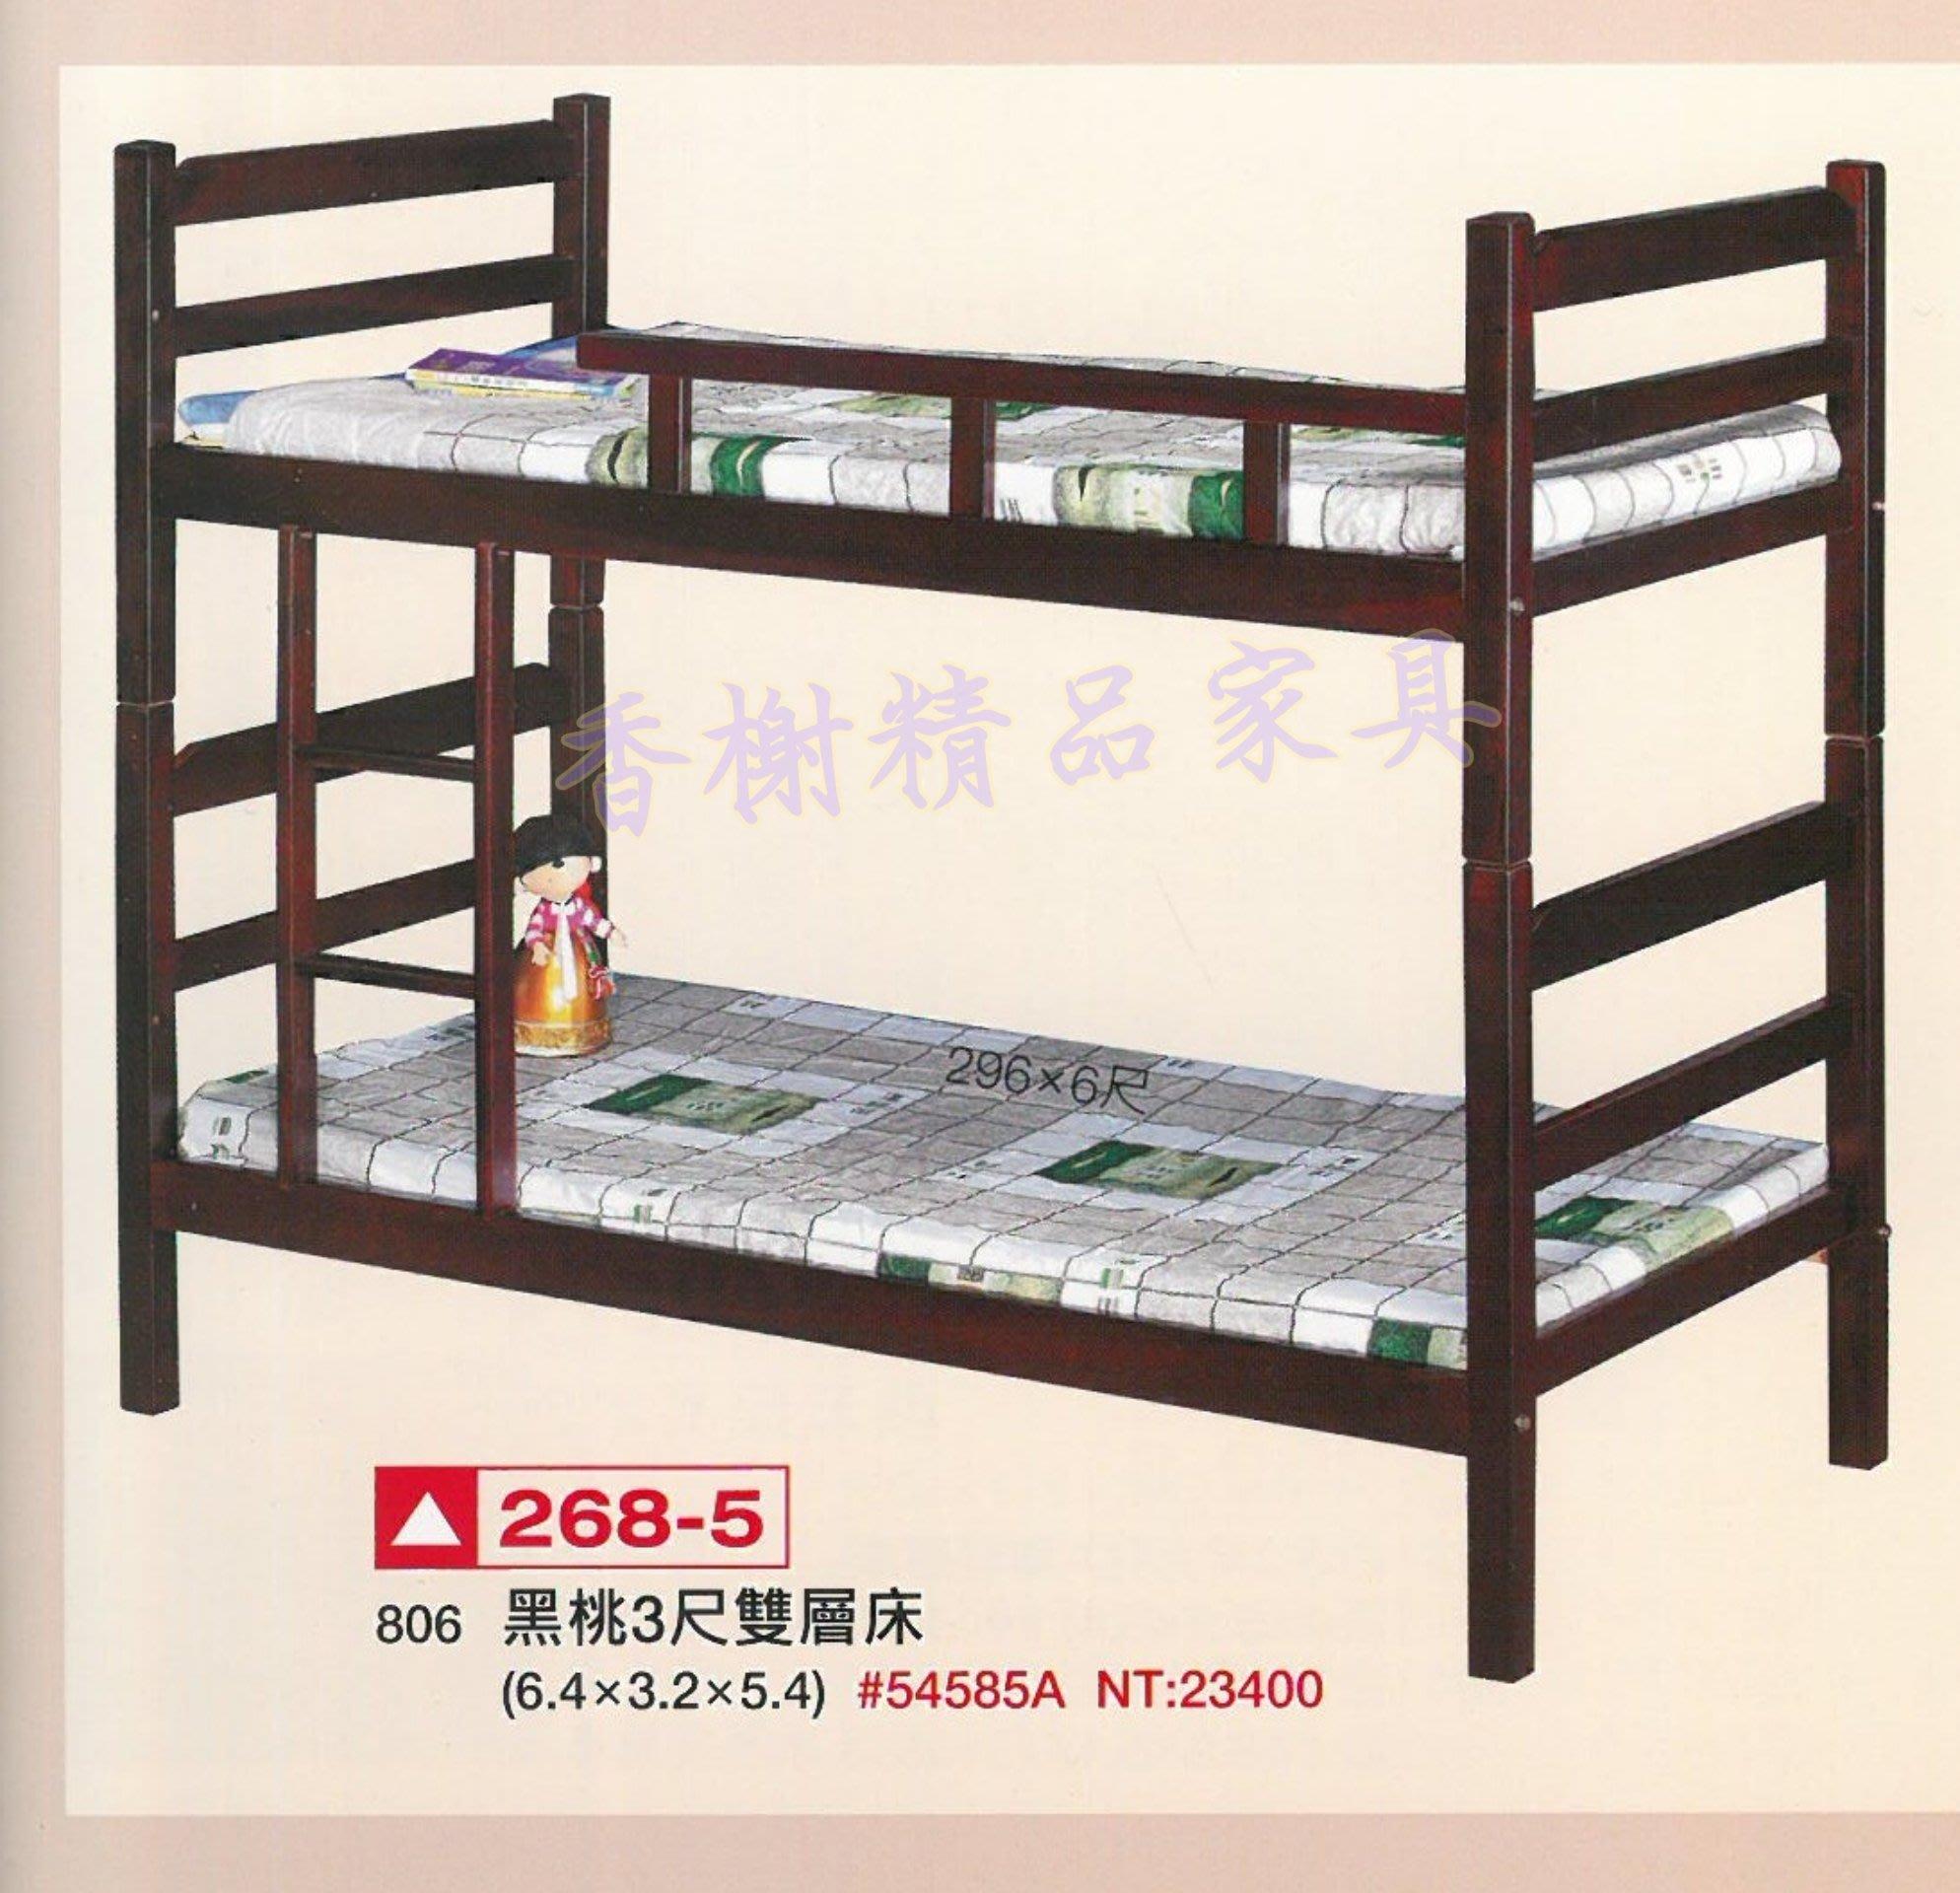 香榭二手家具*全新精品 黑桃標準單人3尺雙層床-高腳床-上下舖-上下床-兒童床-遊戲床-子母床-宿舍床-實木床架-單人床